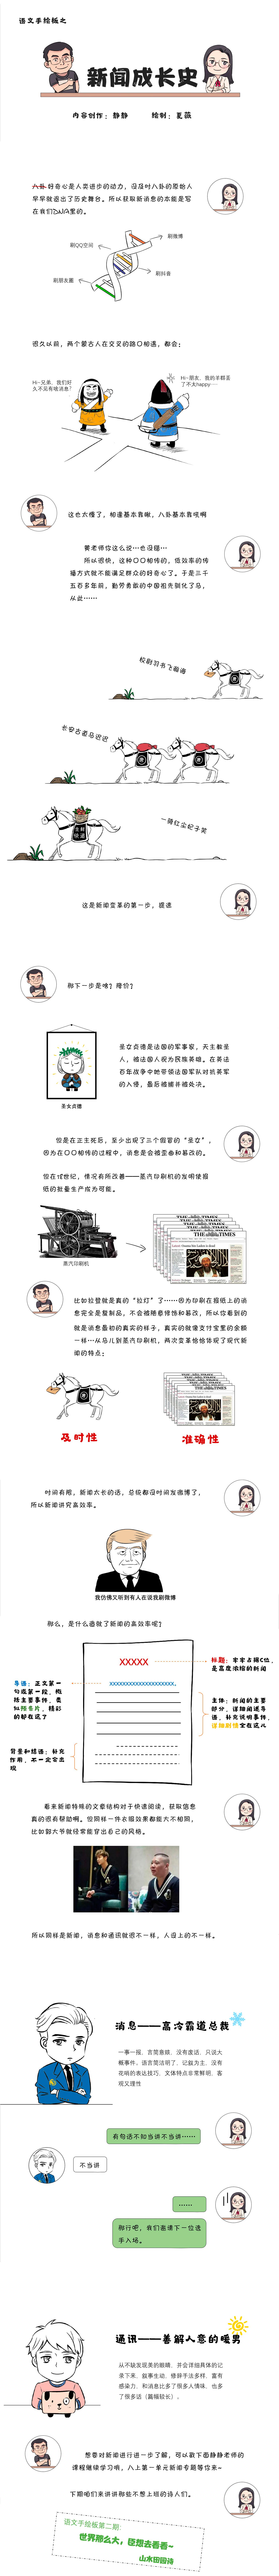 长图.jpg